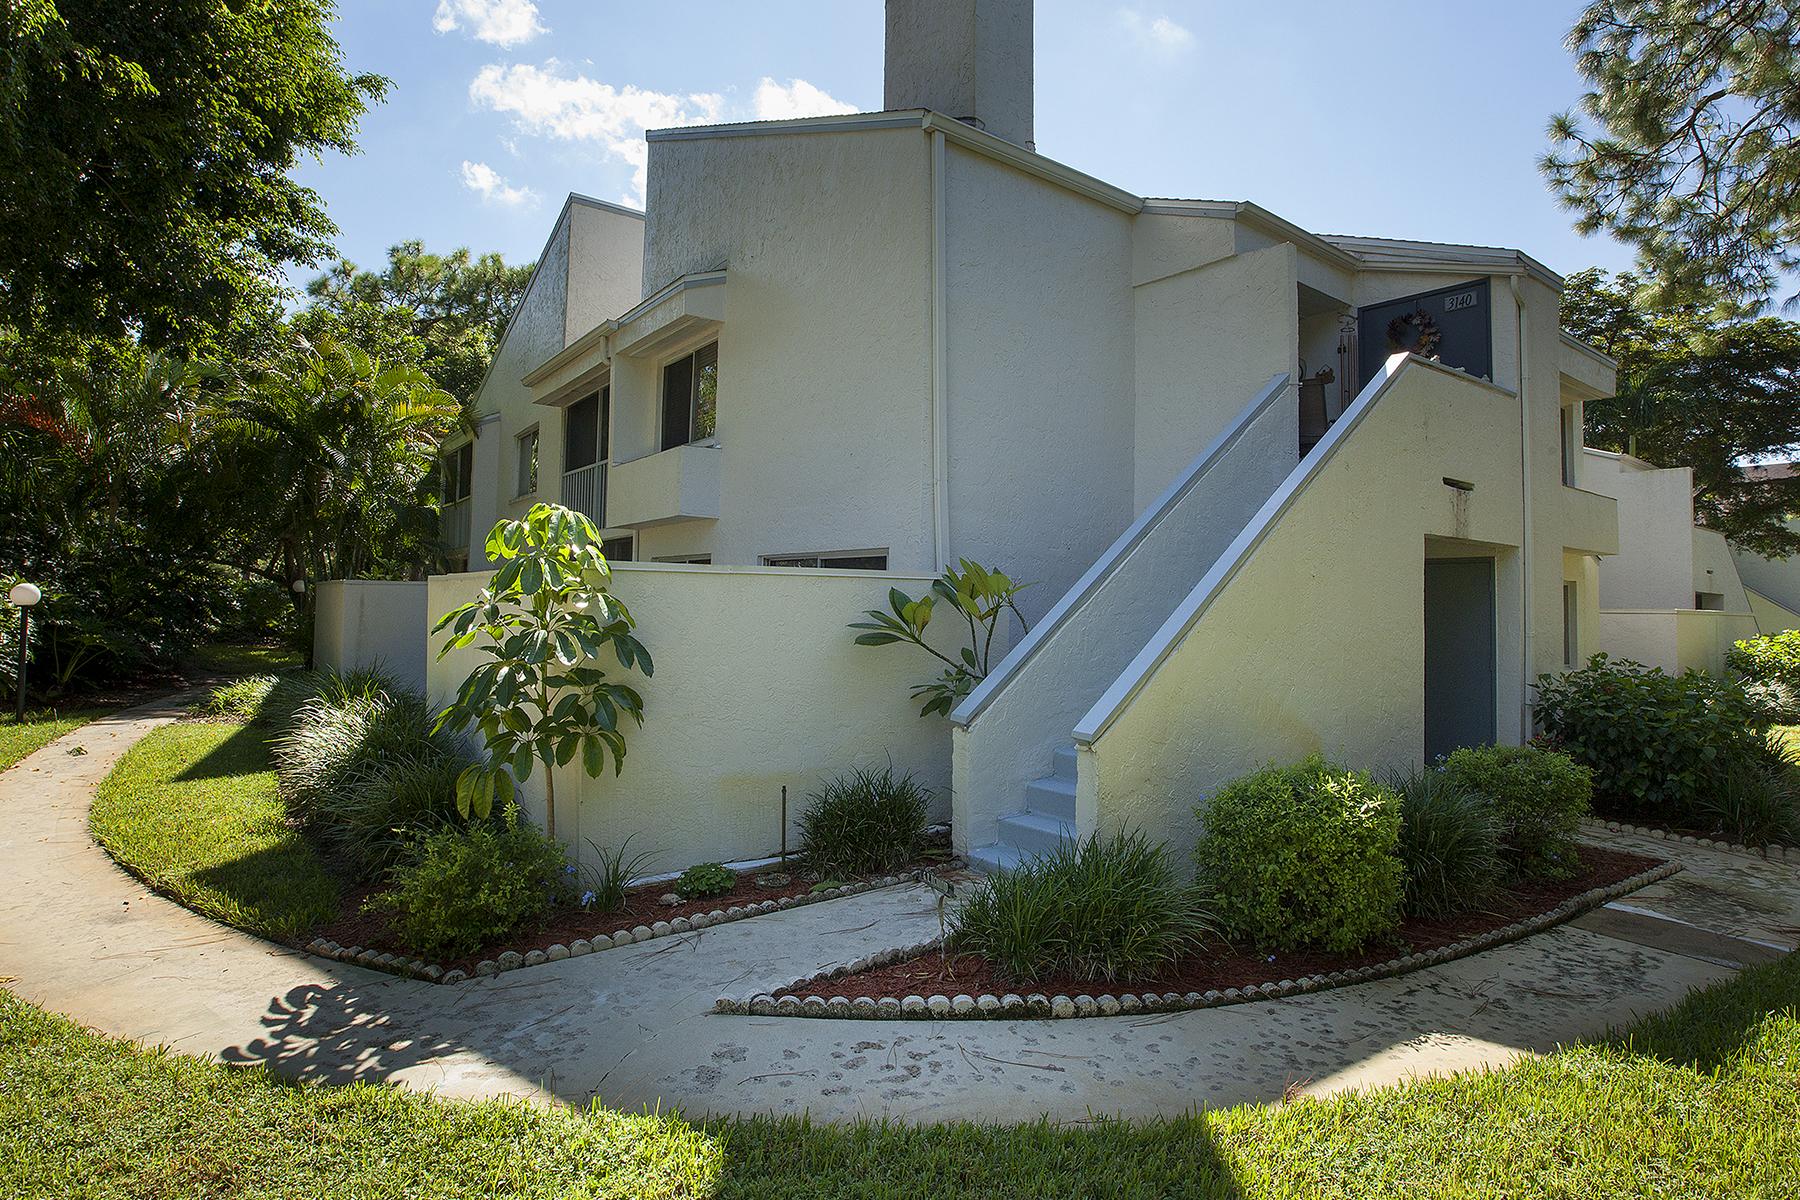 Condomínio para Venda às KINGS LAKE - CAMELOT 3140 Kings Lake Blvd 7548 Naples, Florida 34112 Estados Unidos